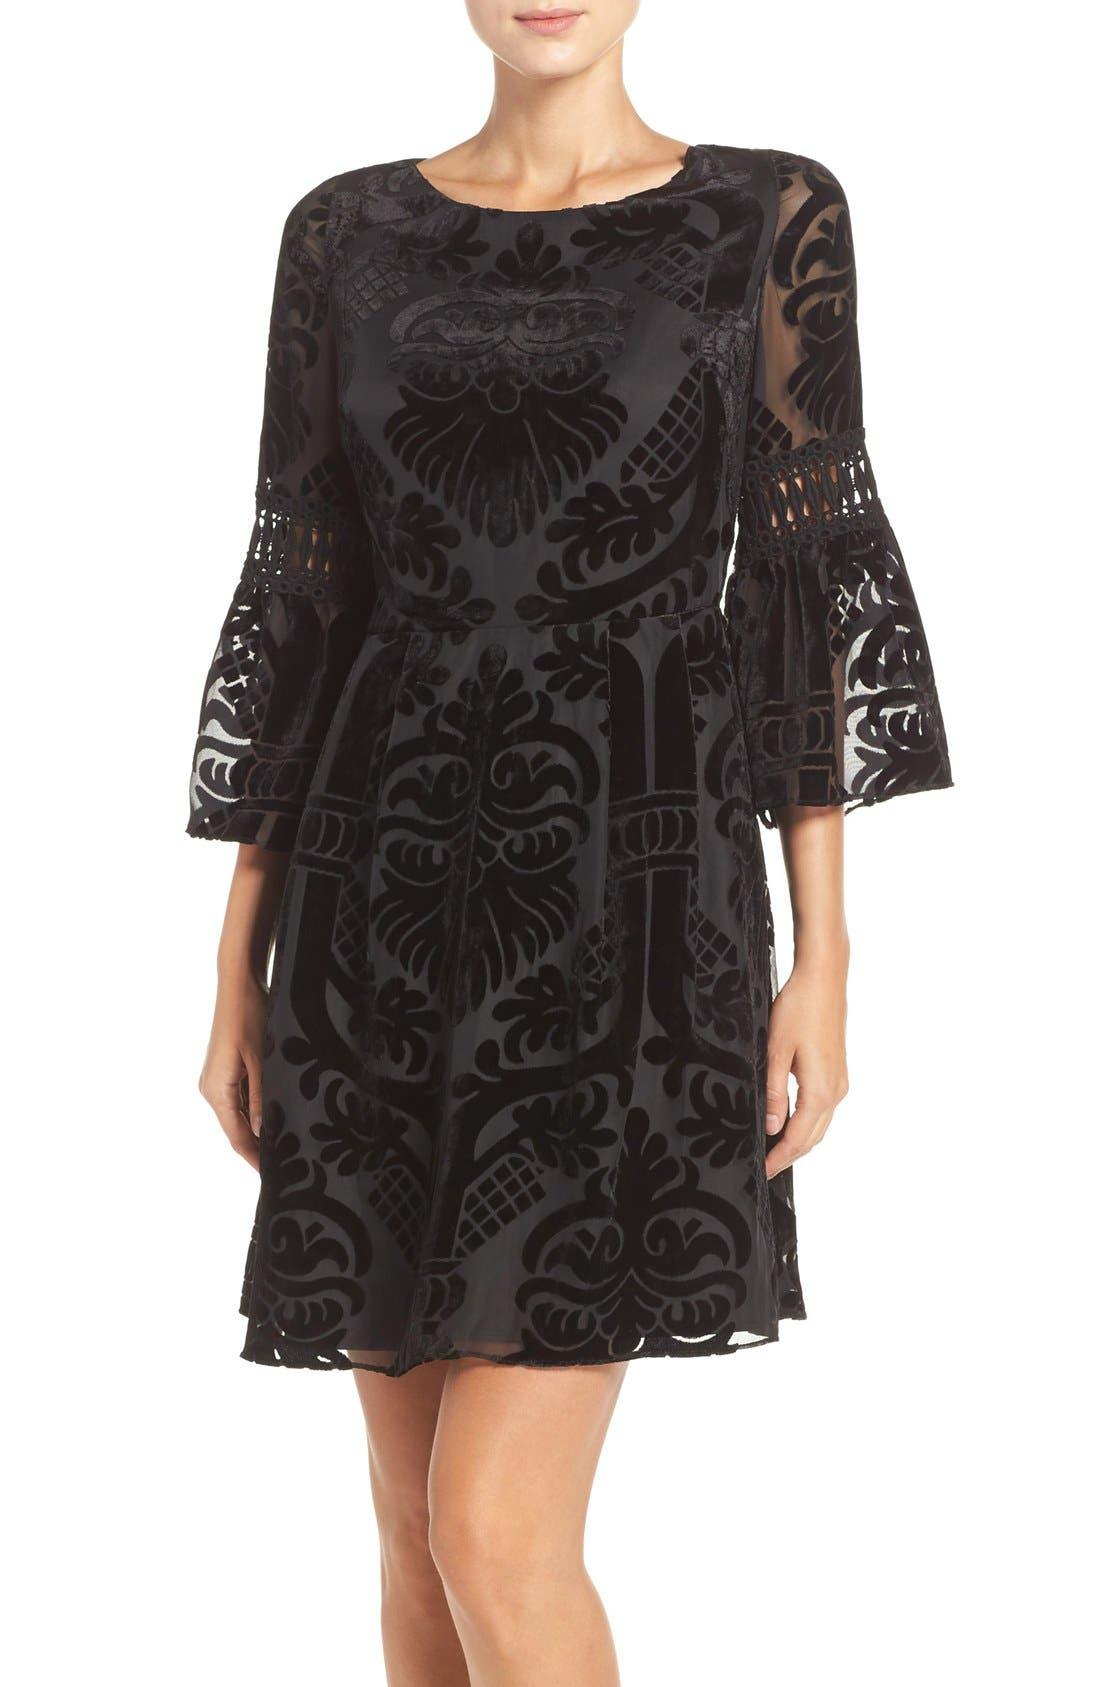 Alternate Image 1 Selected - Eliza J Burnout Velvet Fit & Flare Dress (Regular & Petite)